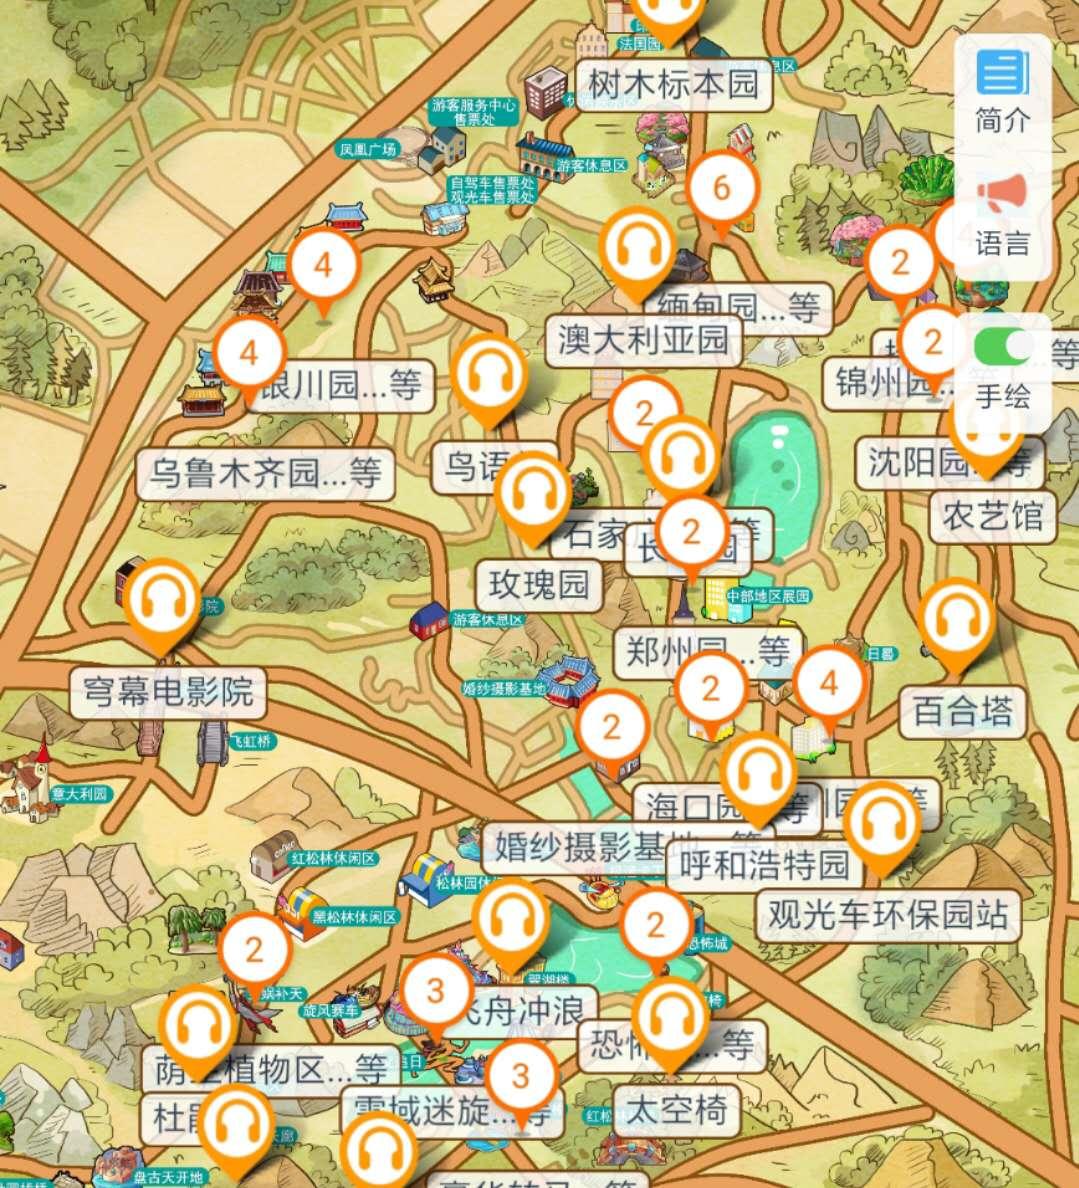 沈阳世博园手绘地图、语音讲解、智能导览.jpg